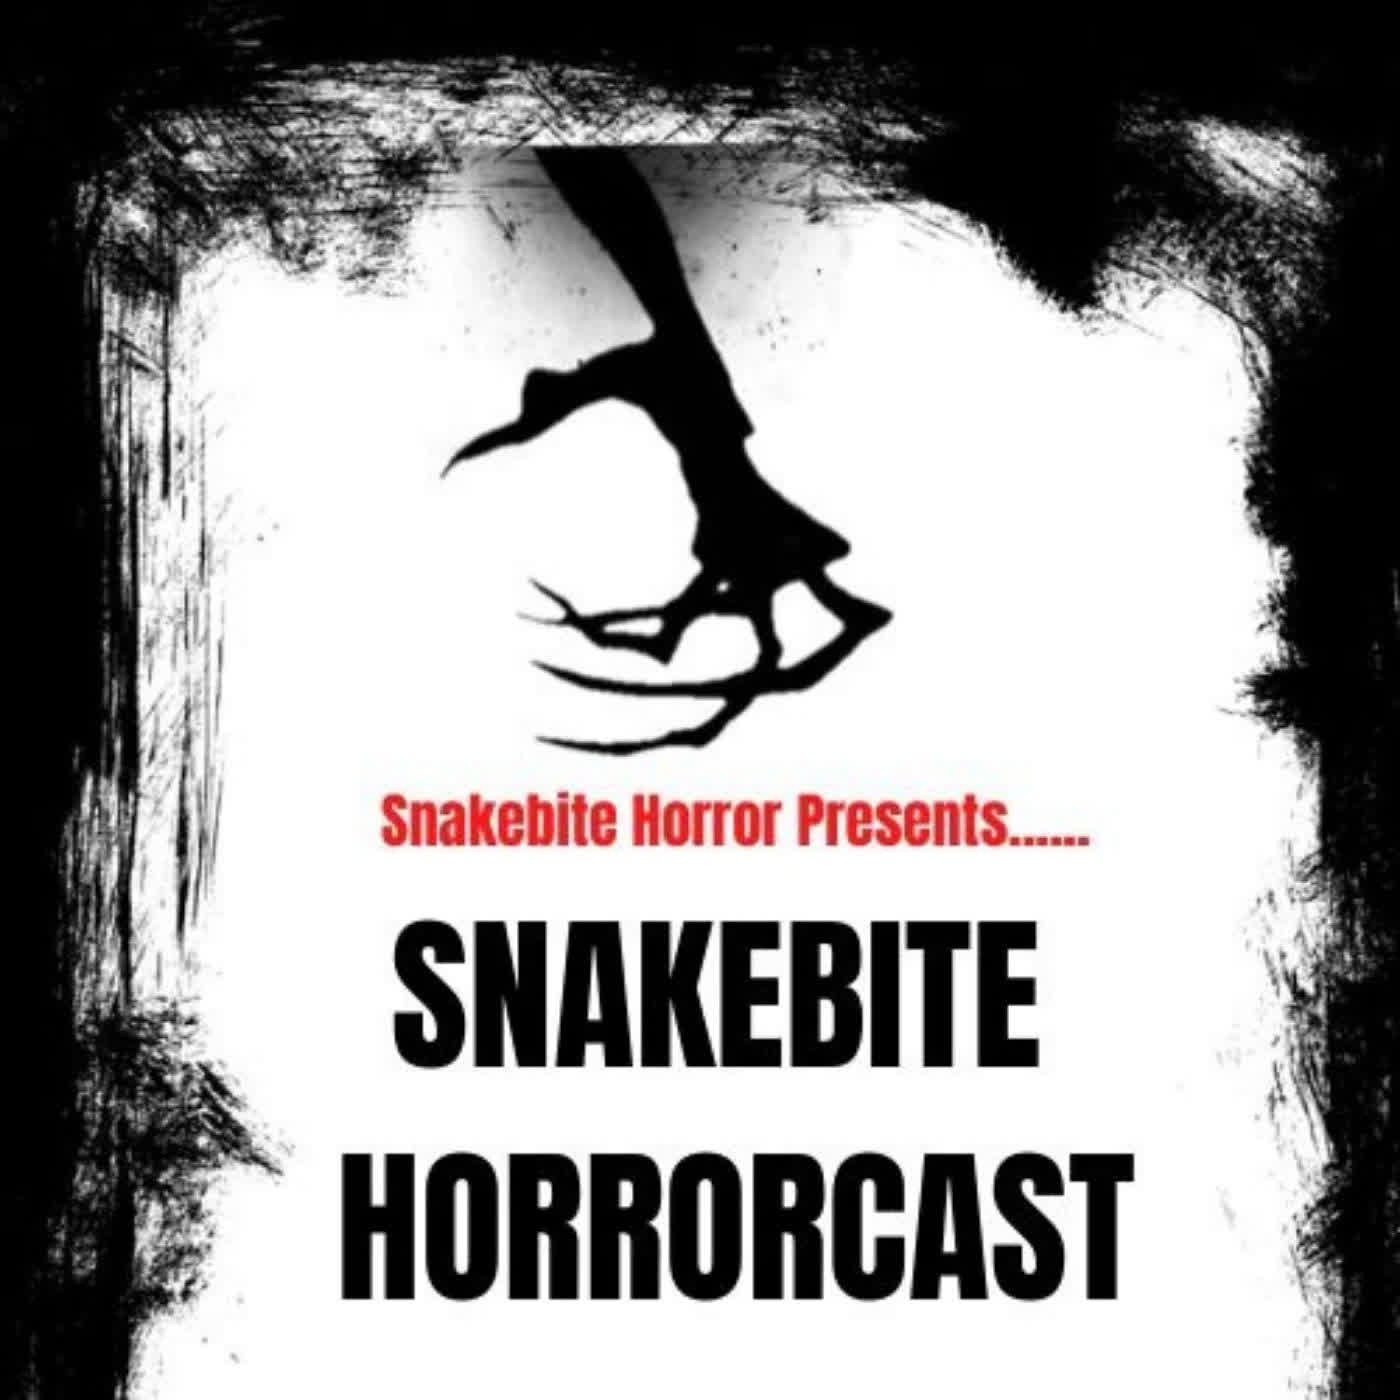 Snakebite Horrorcast Network